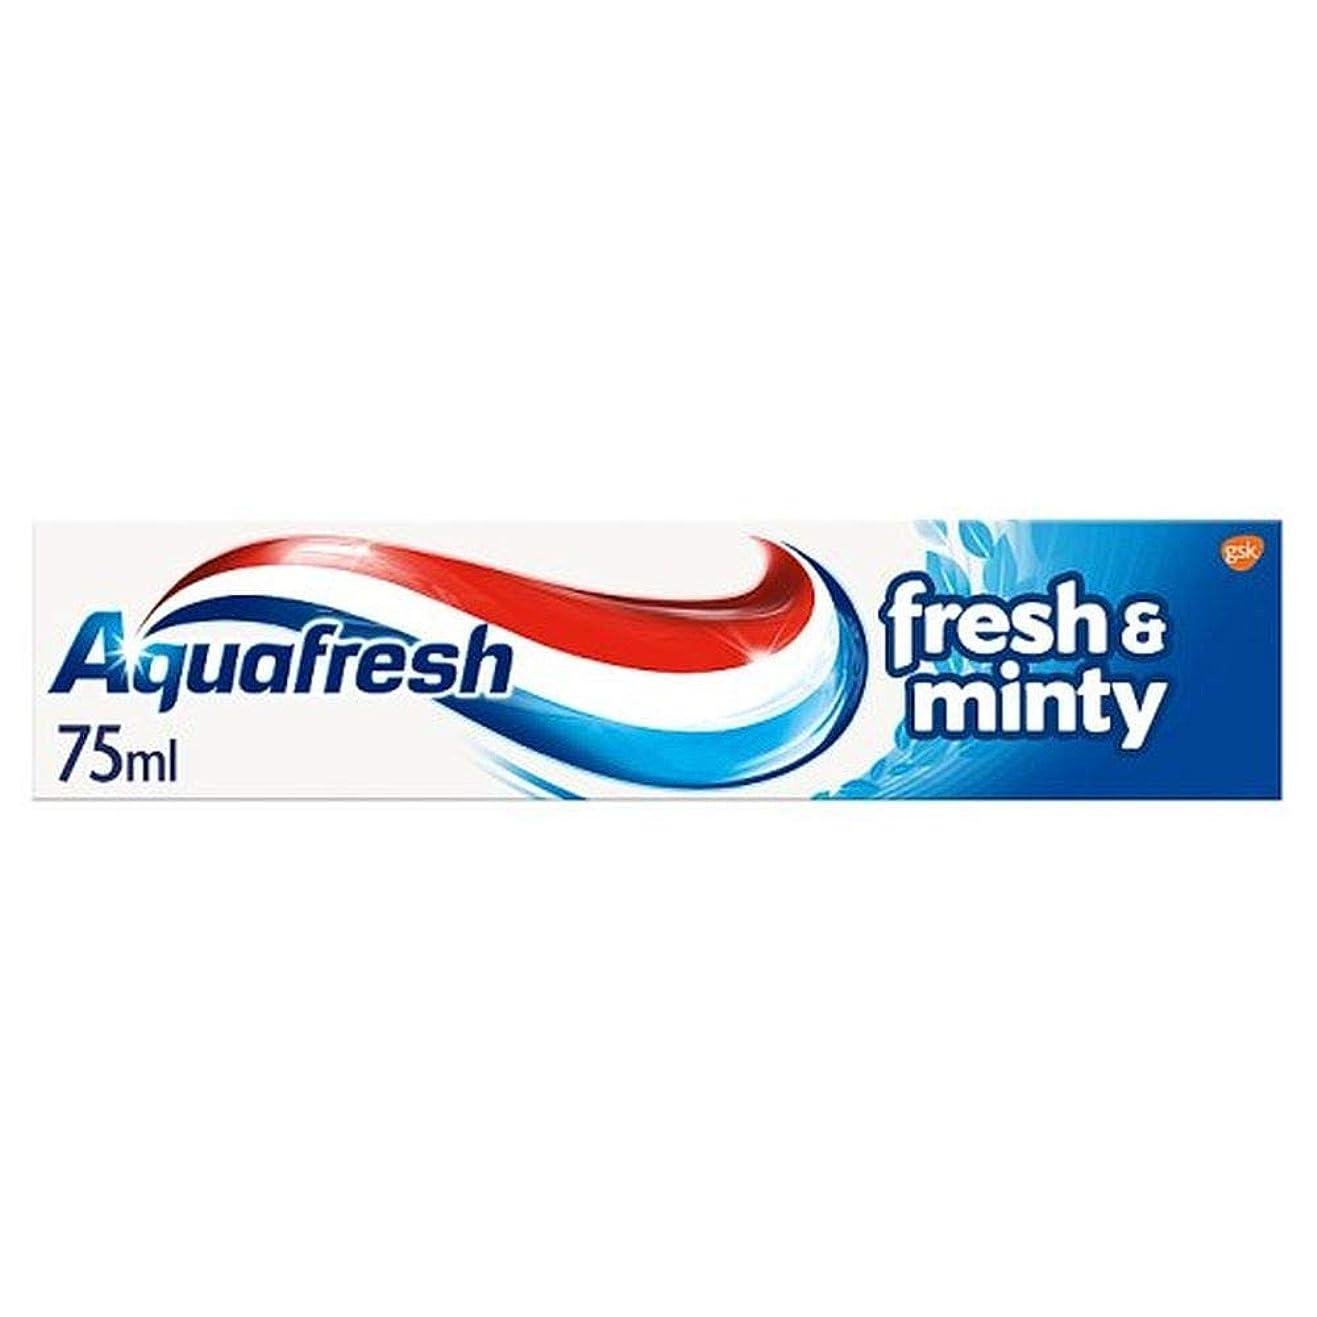 ディスク早熟縞模様の[Aquafresh ] アクアフレッシュFreshmint歯磨き粉75ミリリットル - Aquafresh Freshmint Toothpaste 75Ml [並行輸入品]